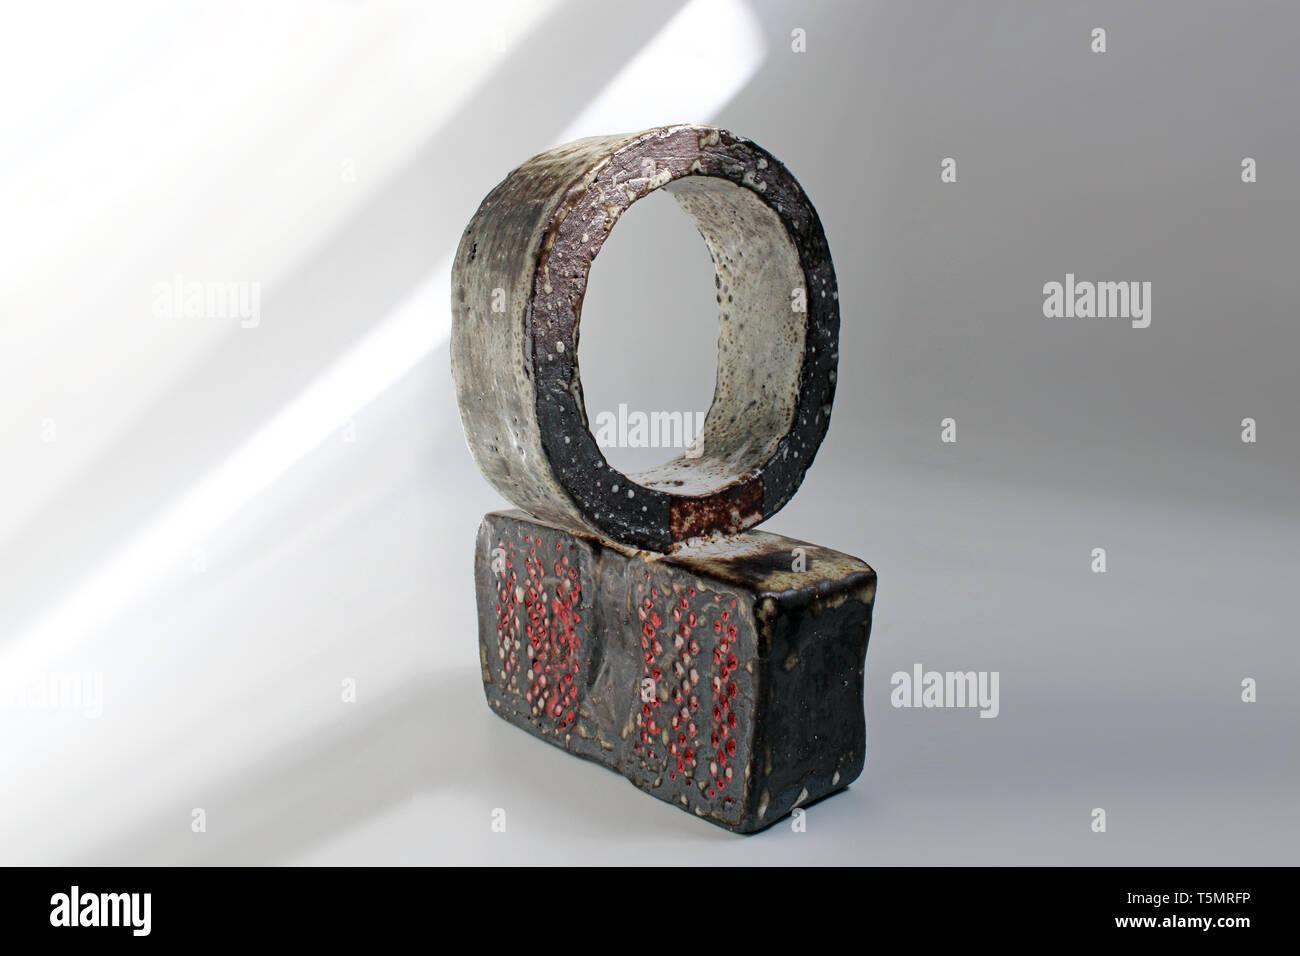 Shino Stoneware ceramics slipware with red porcelain, isolated on white background, close-up - Stock Image